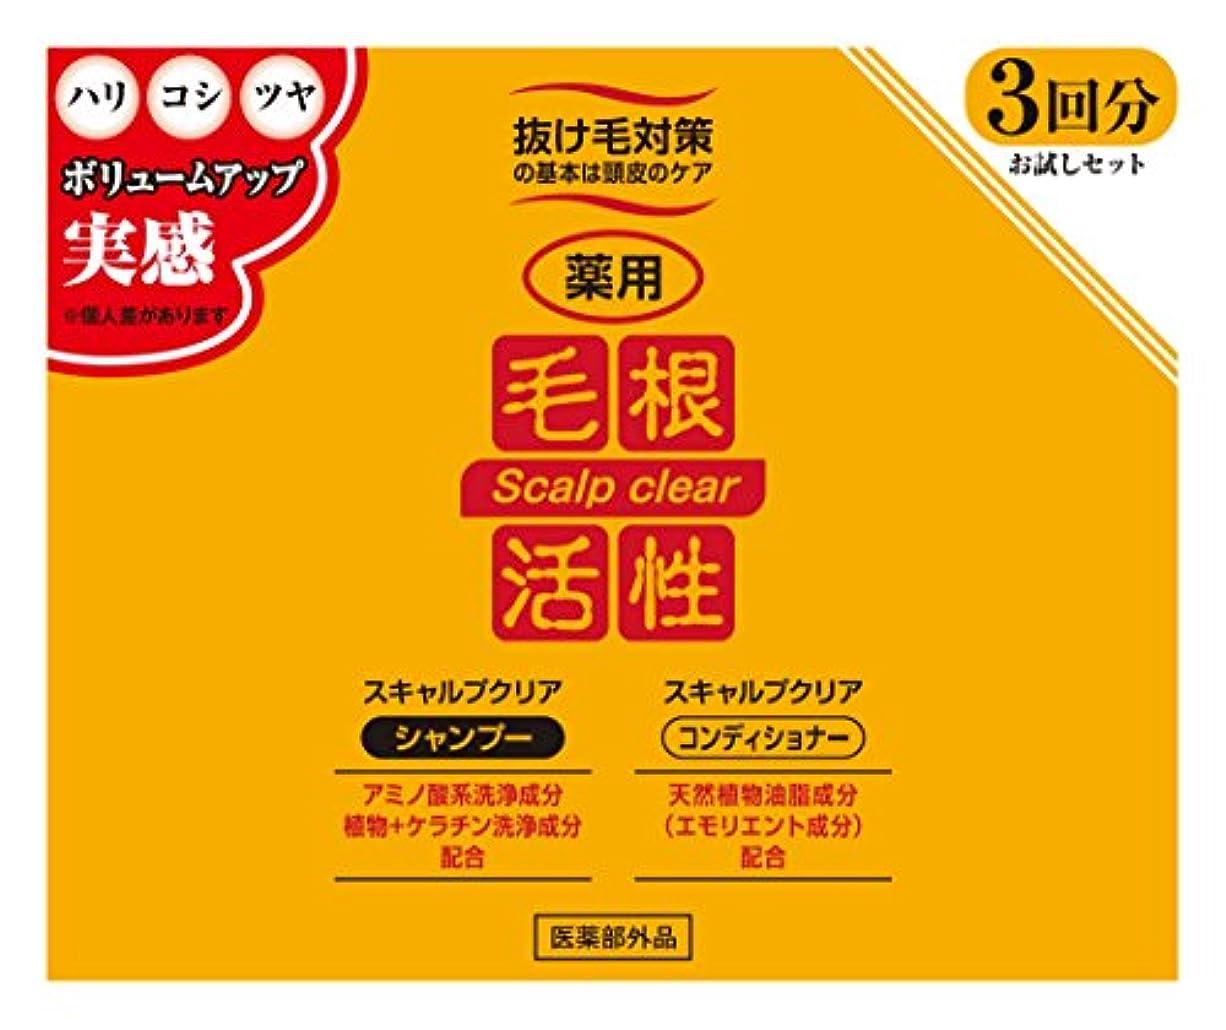 温室パス匿名薬用 毛根活性 シャンプー&コンディショナー 3日間お試しセット (シャンプー10ml×3個 + コンディショナー10ml×3個)